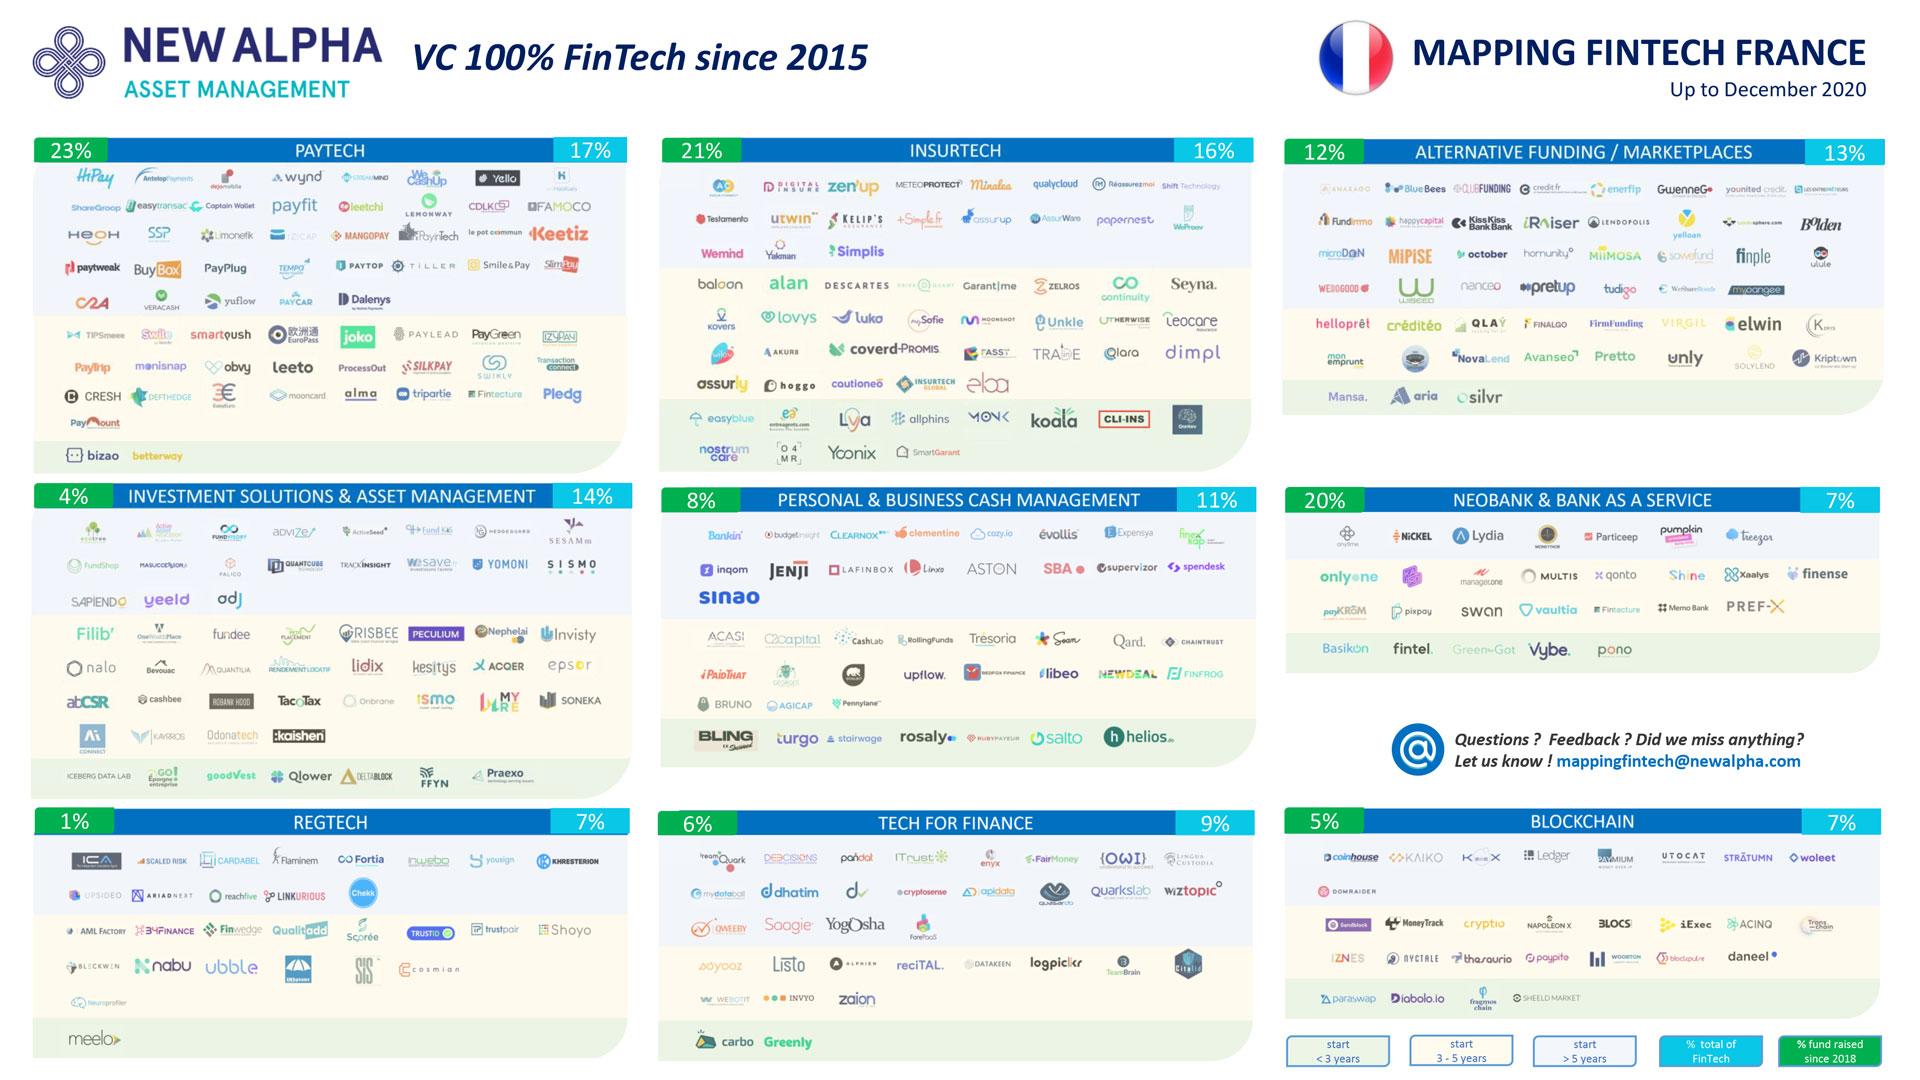 Cartographie 2021 des fintech françaises